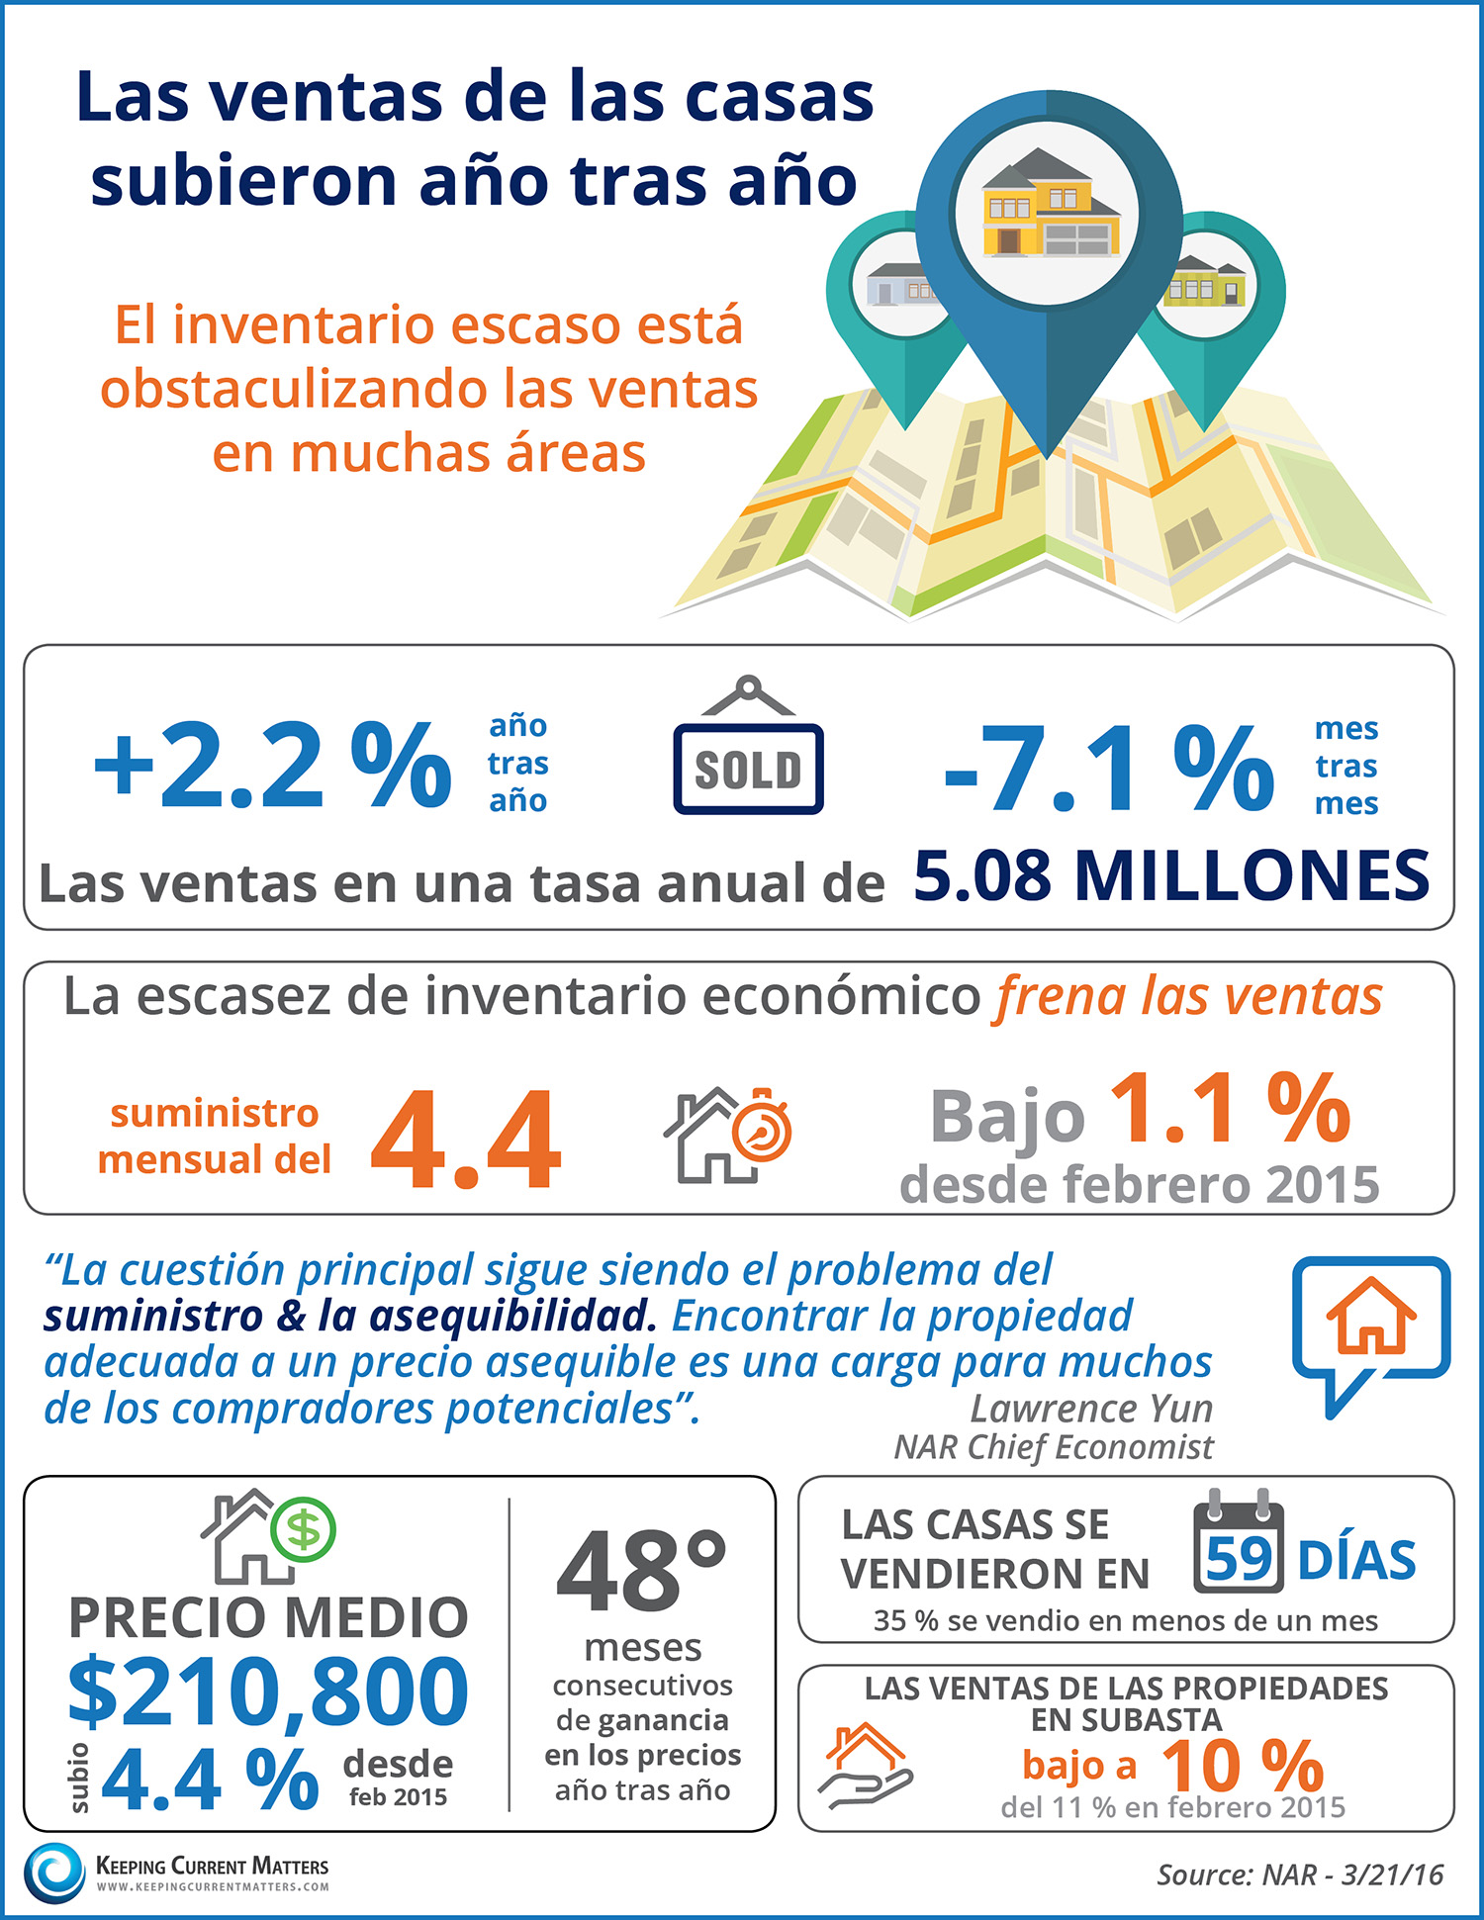 Las ventas de las casas subieron año tras año | Keeping Current Matters